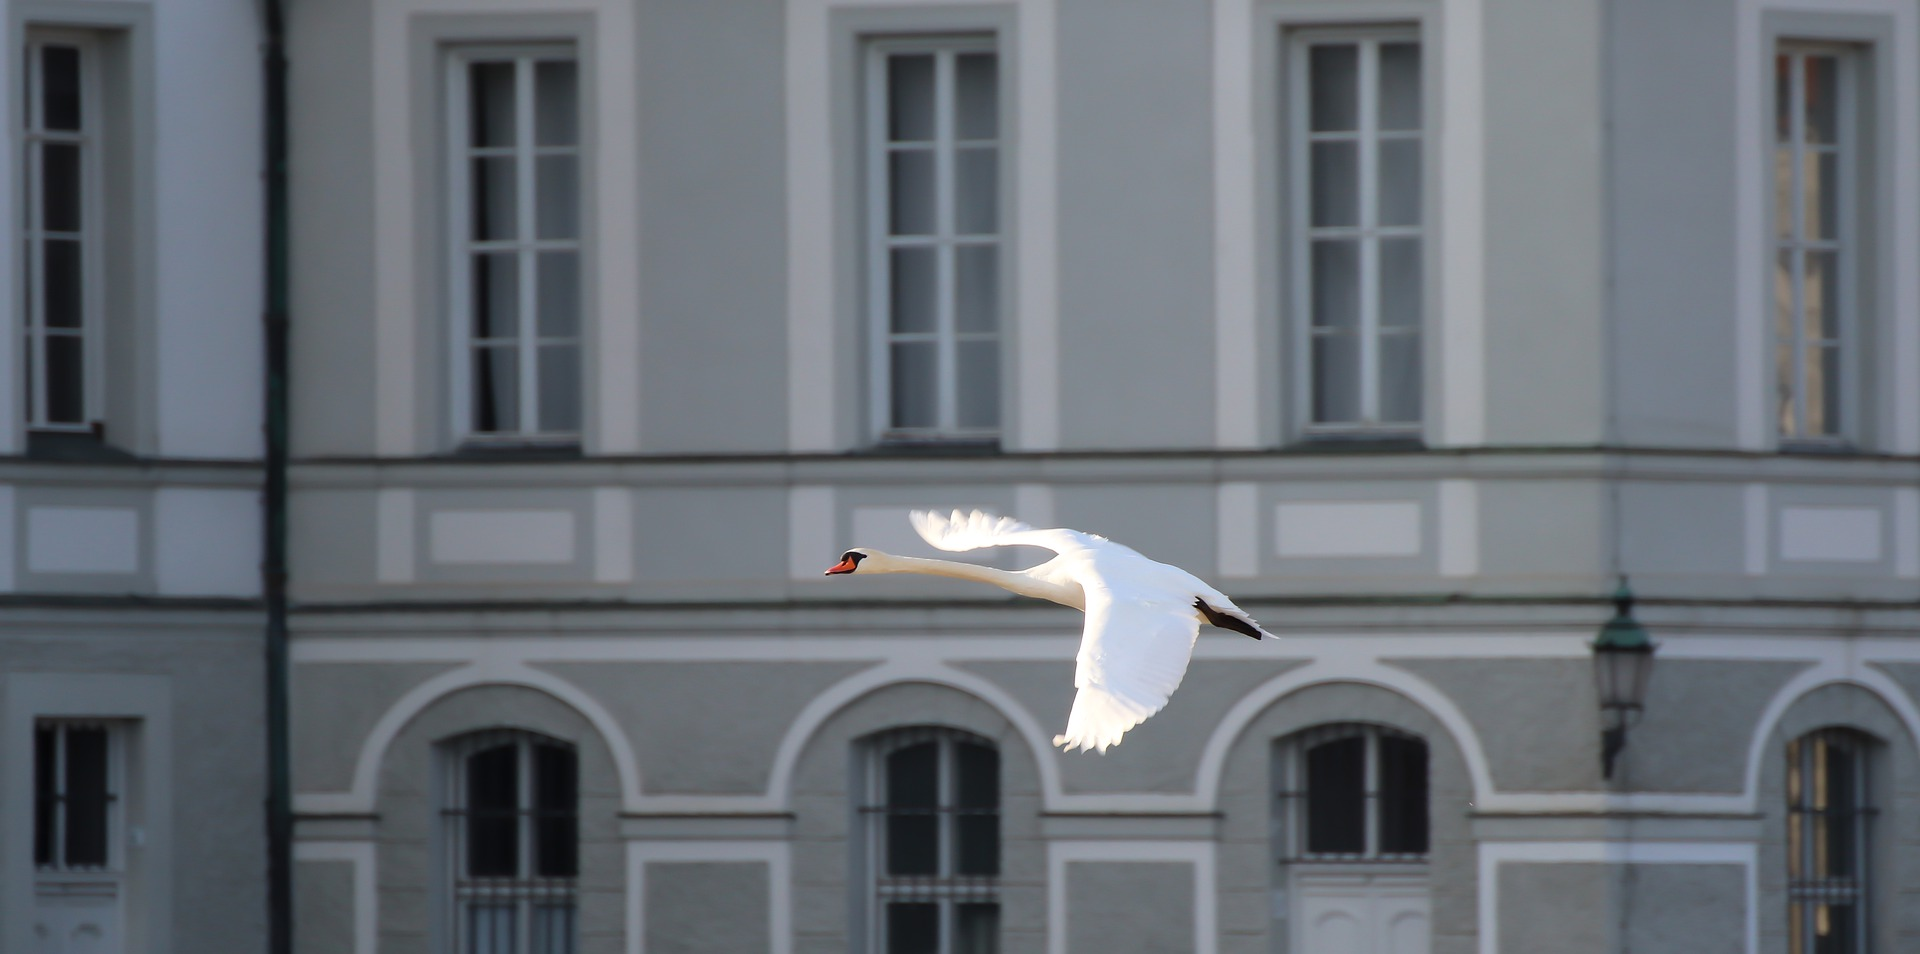 К чему птица ударилась в окно по народным приметам